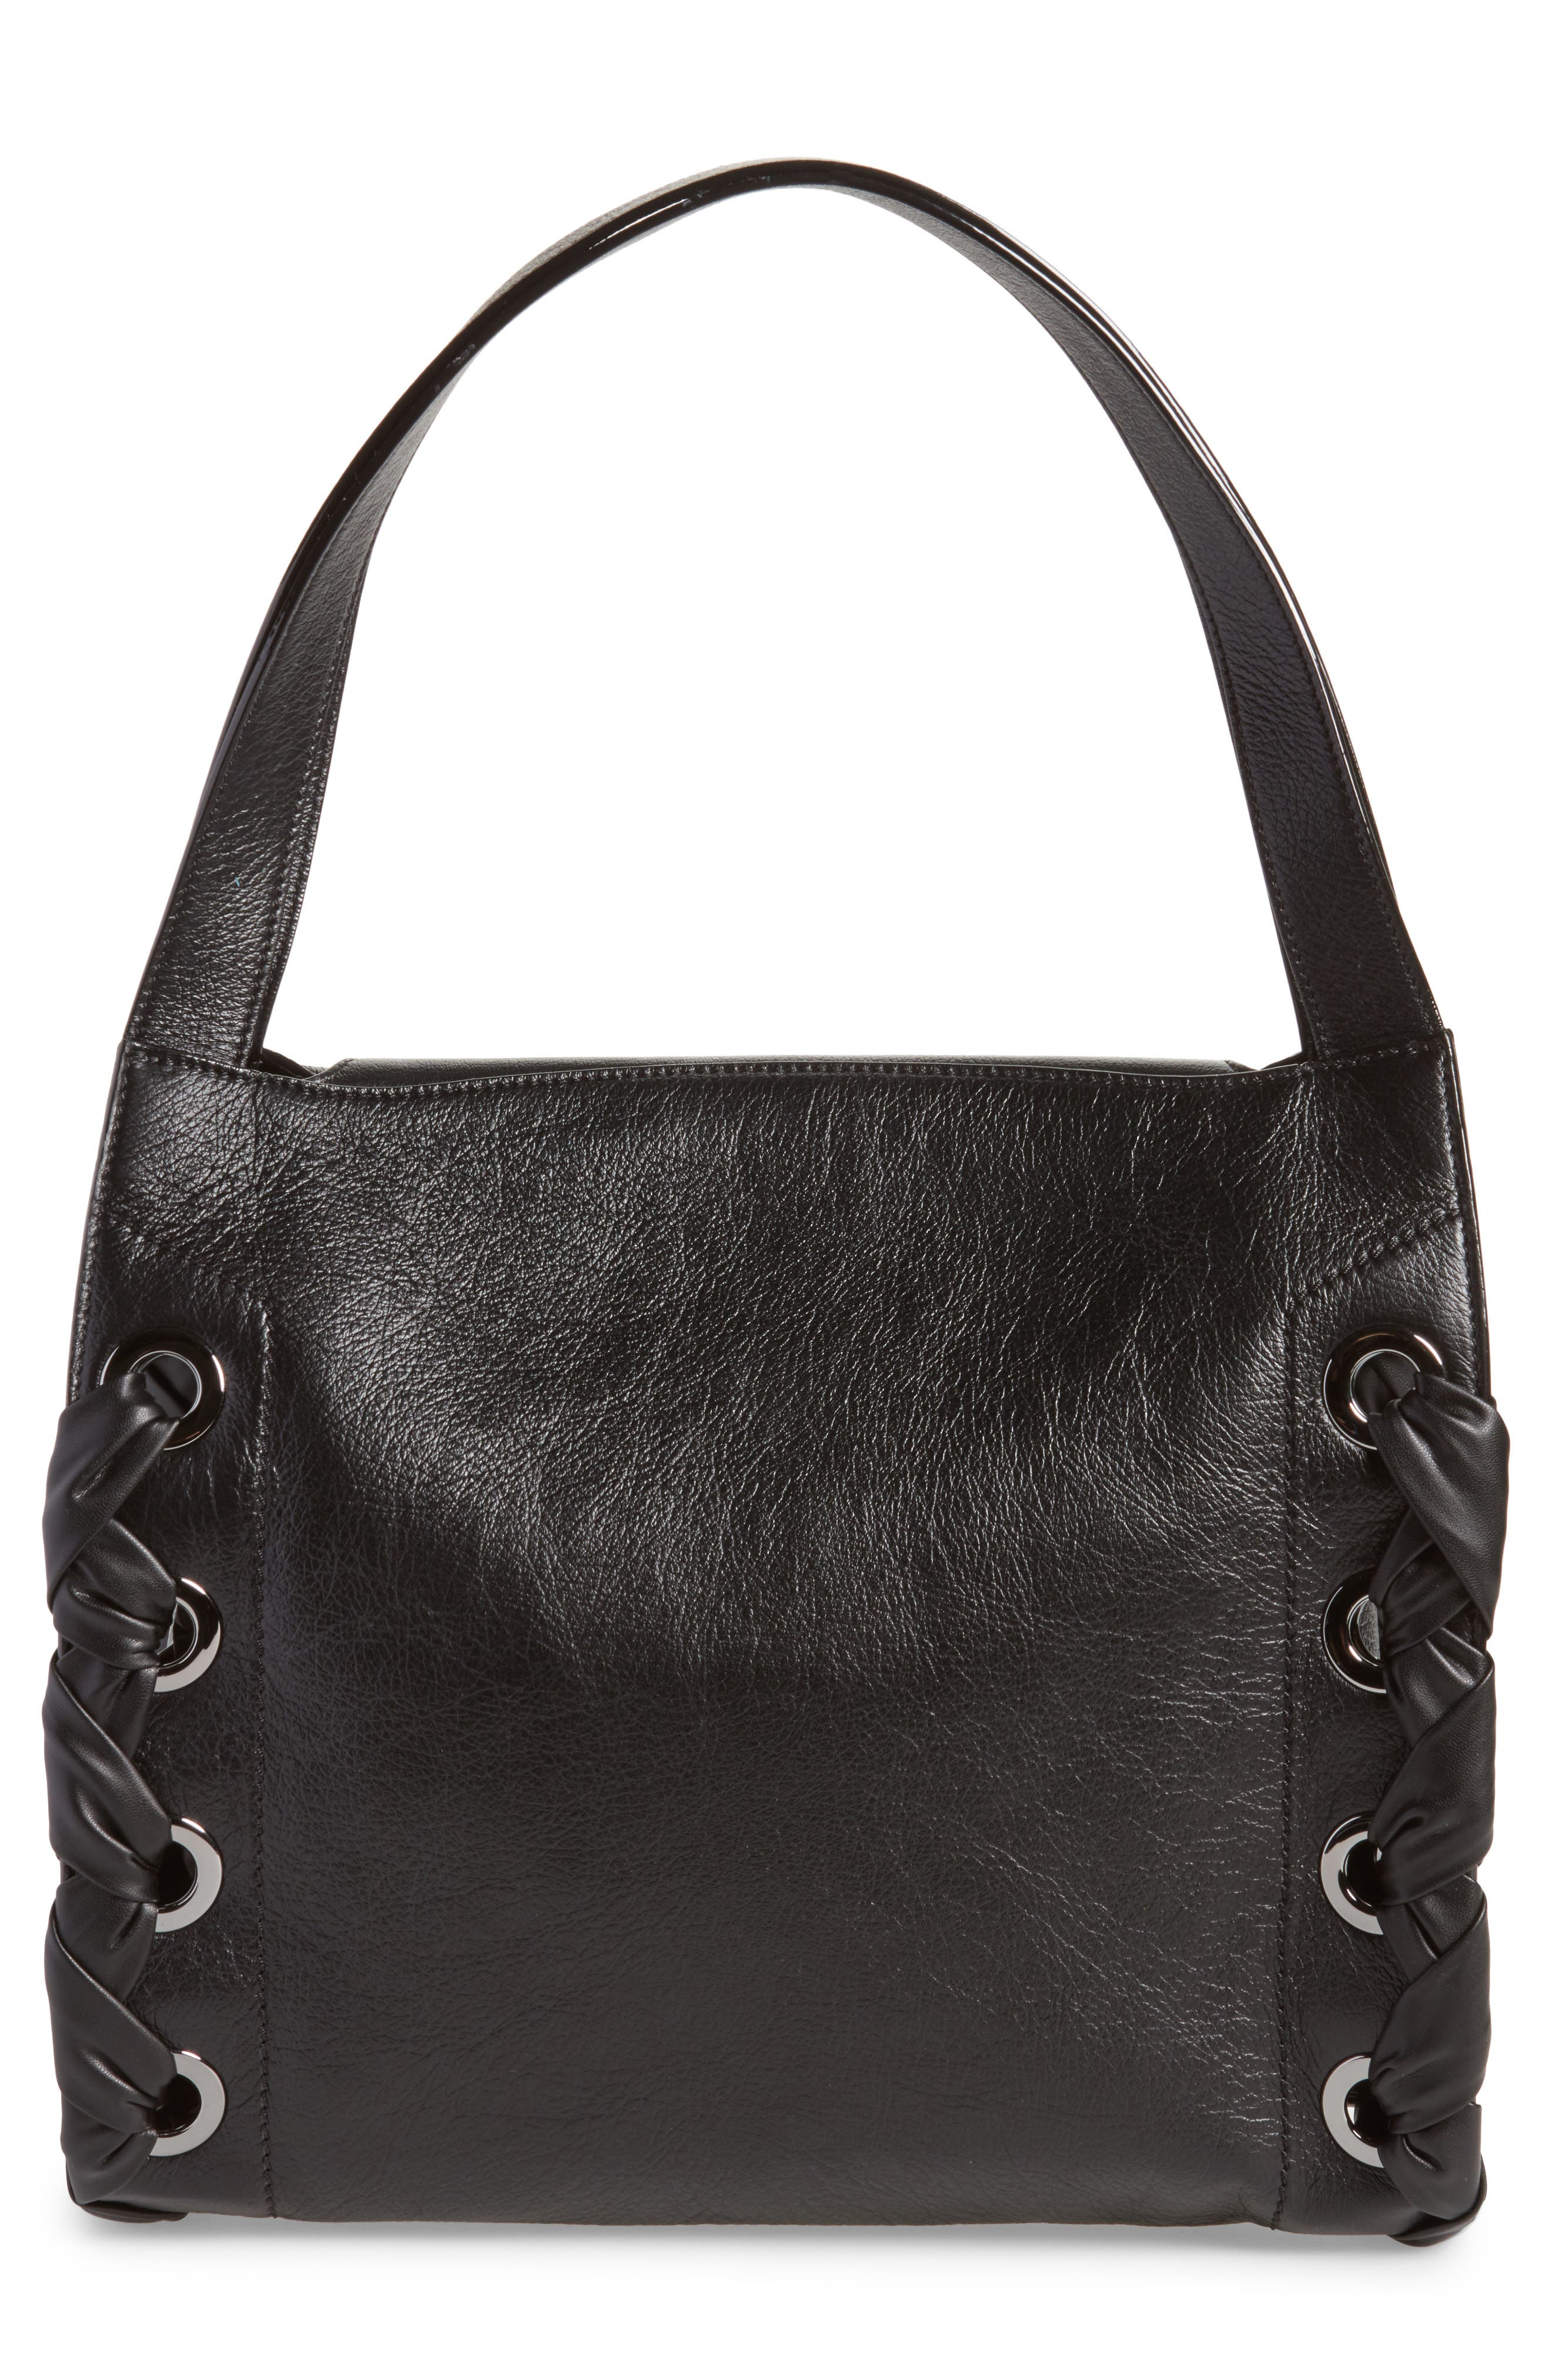 Rebel Leather Shoulder Bag,                             Alternate thumbnail 3, color,                             010